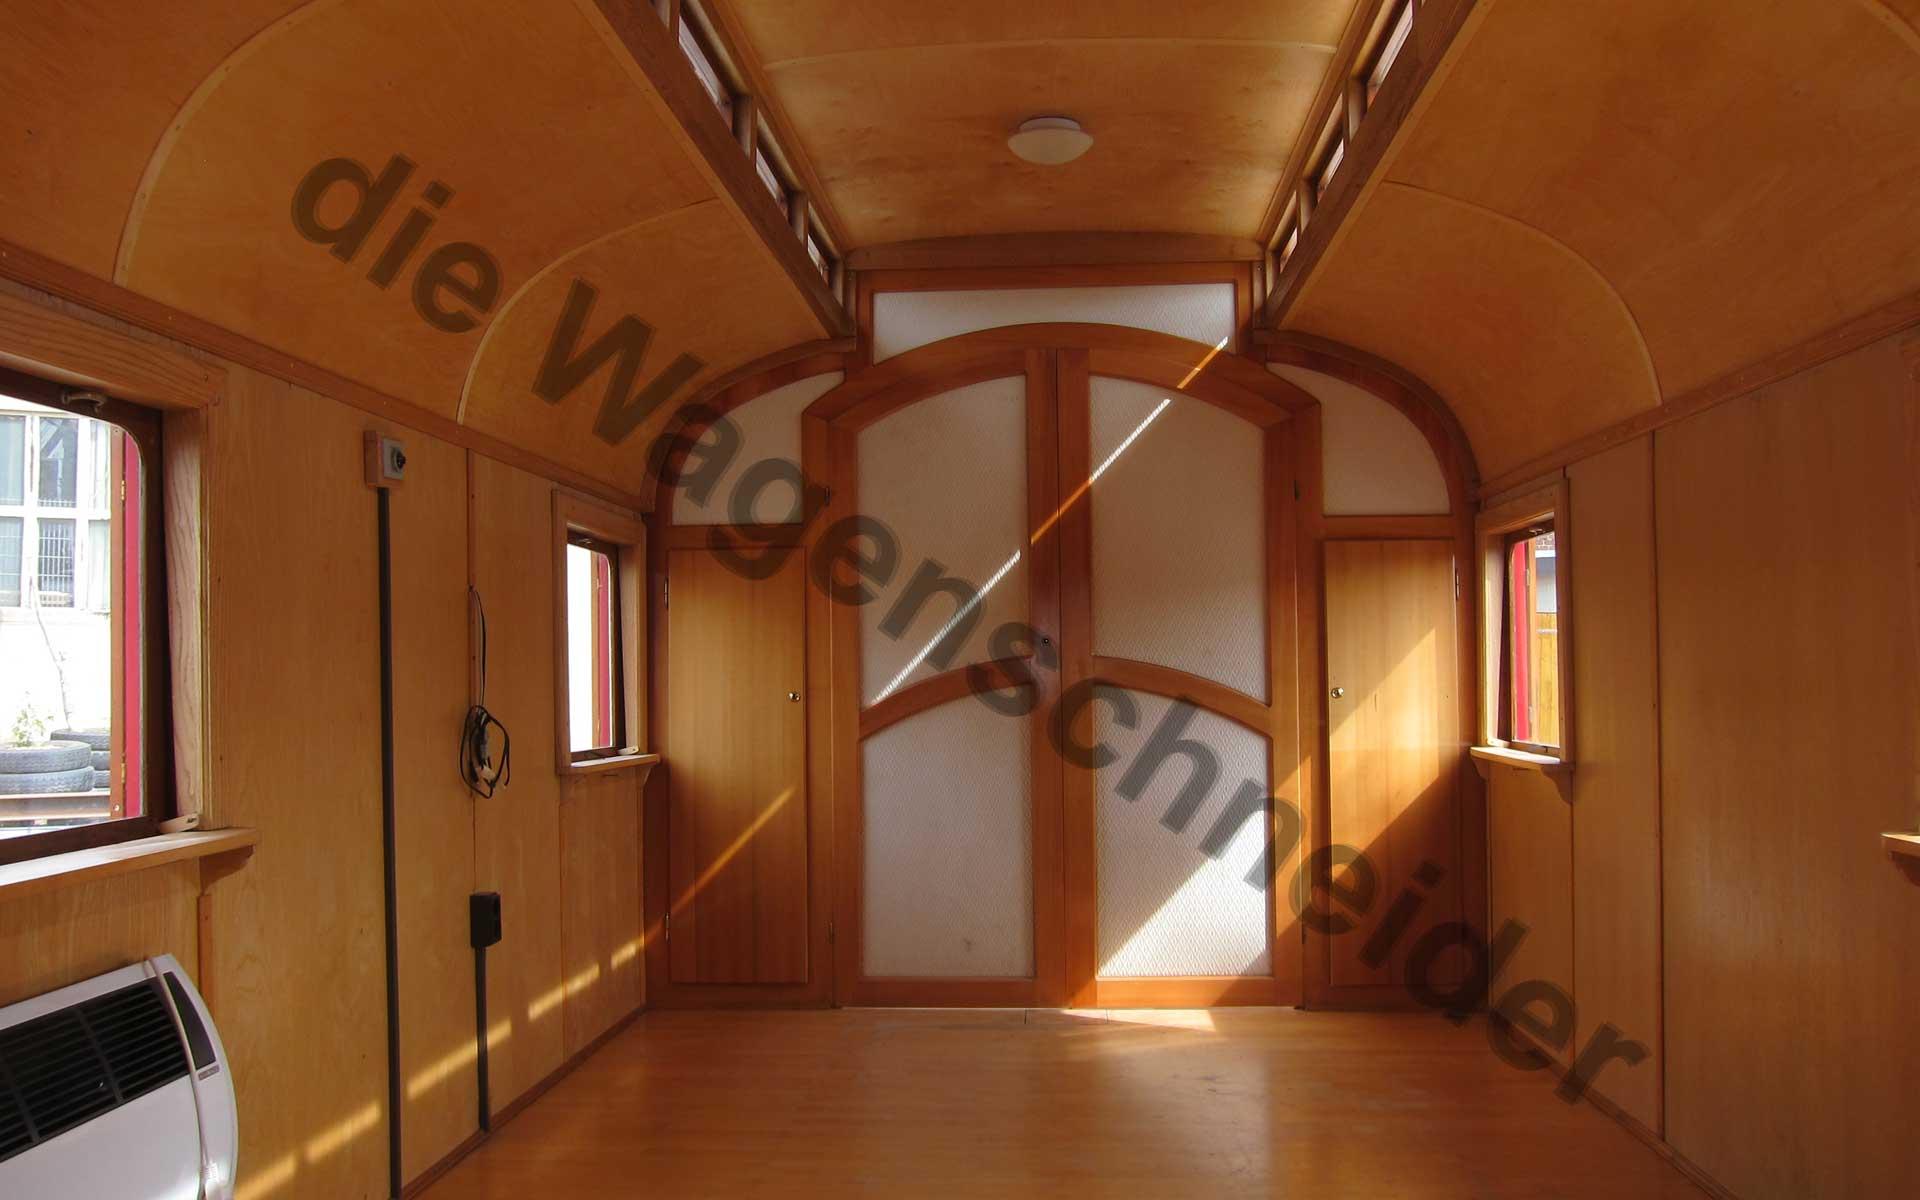 Holztür mit Textielbespannung.